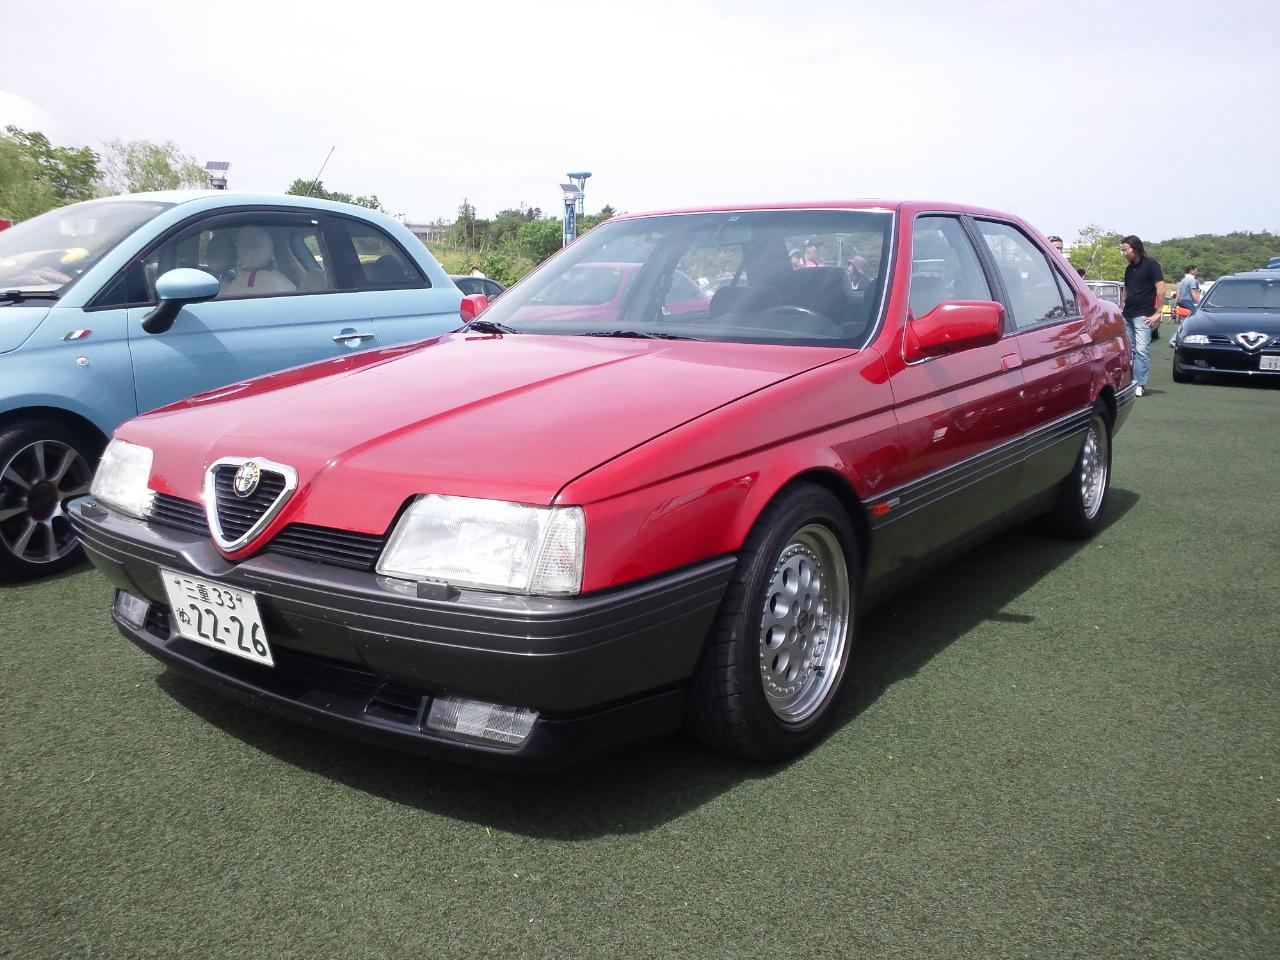 File:Alfa Romeo 164 in Japan.JPG